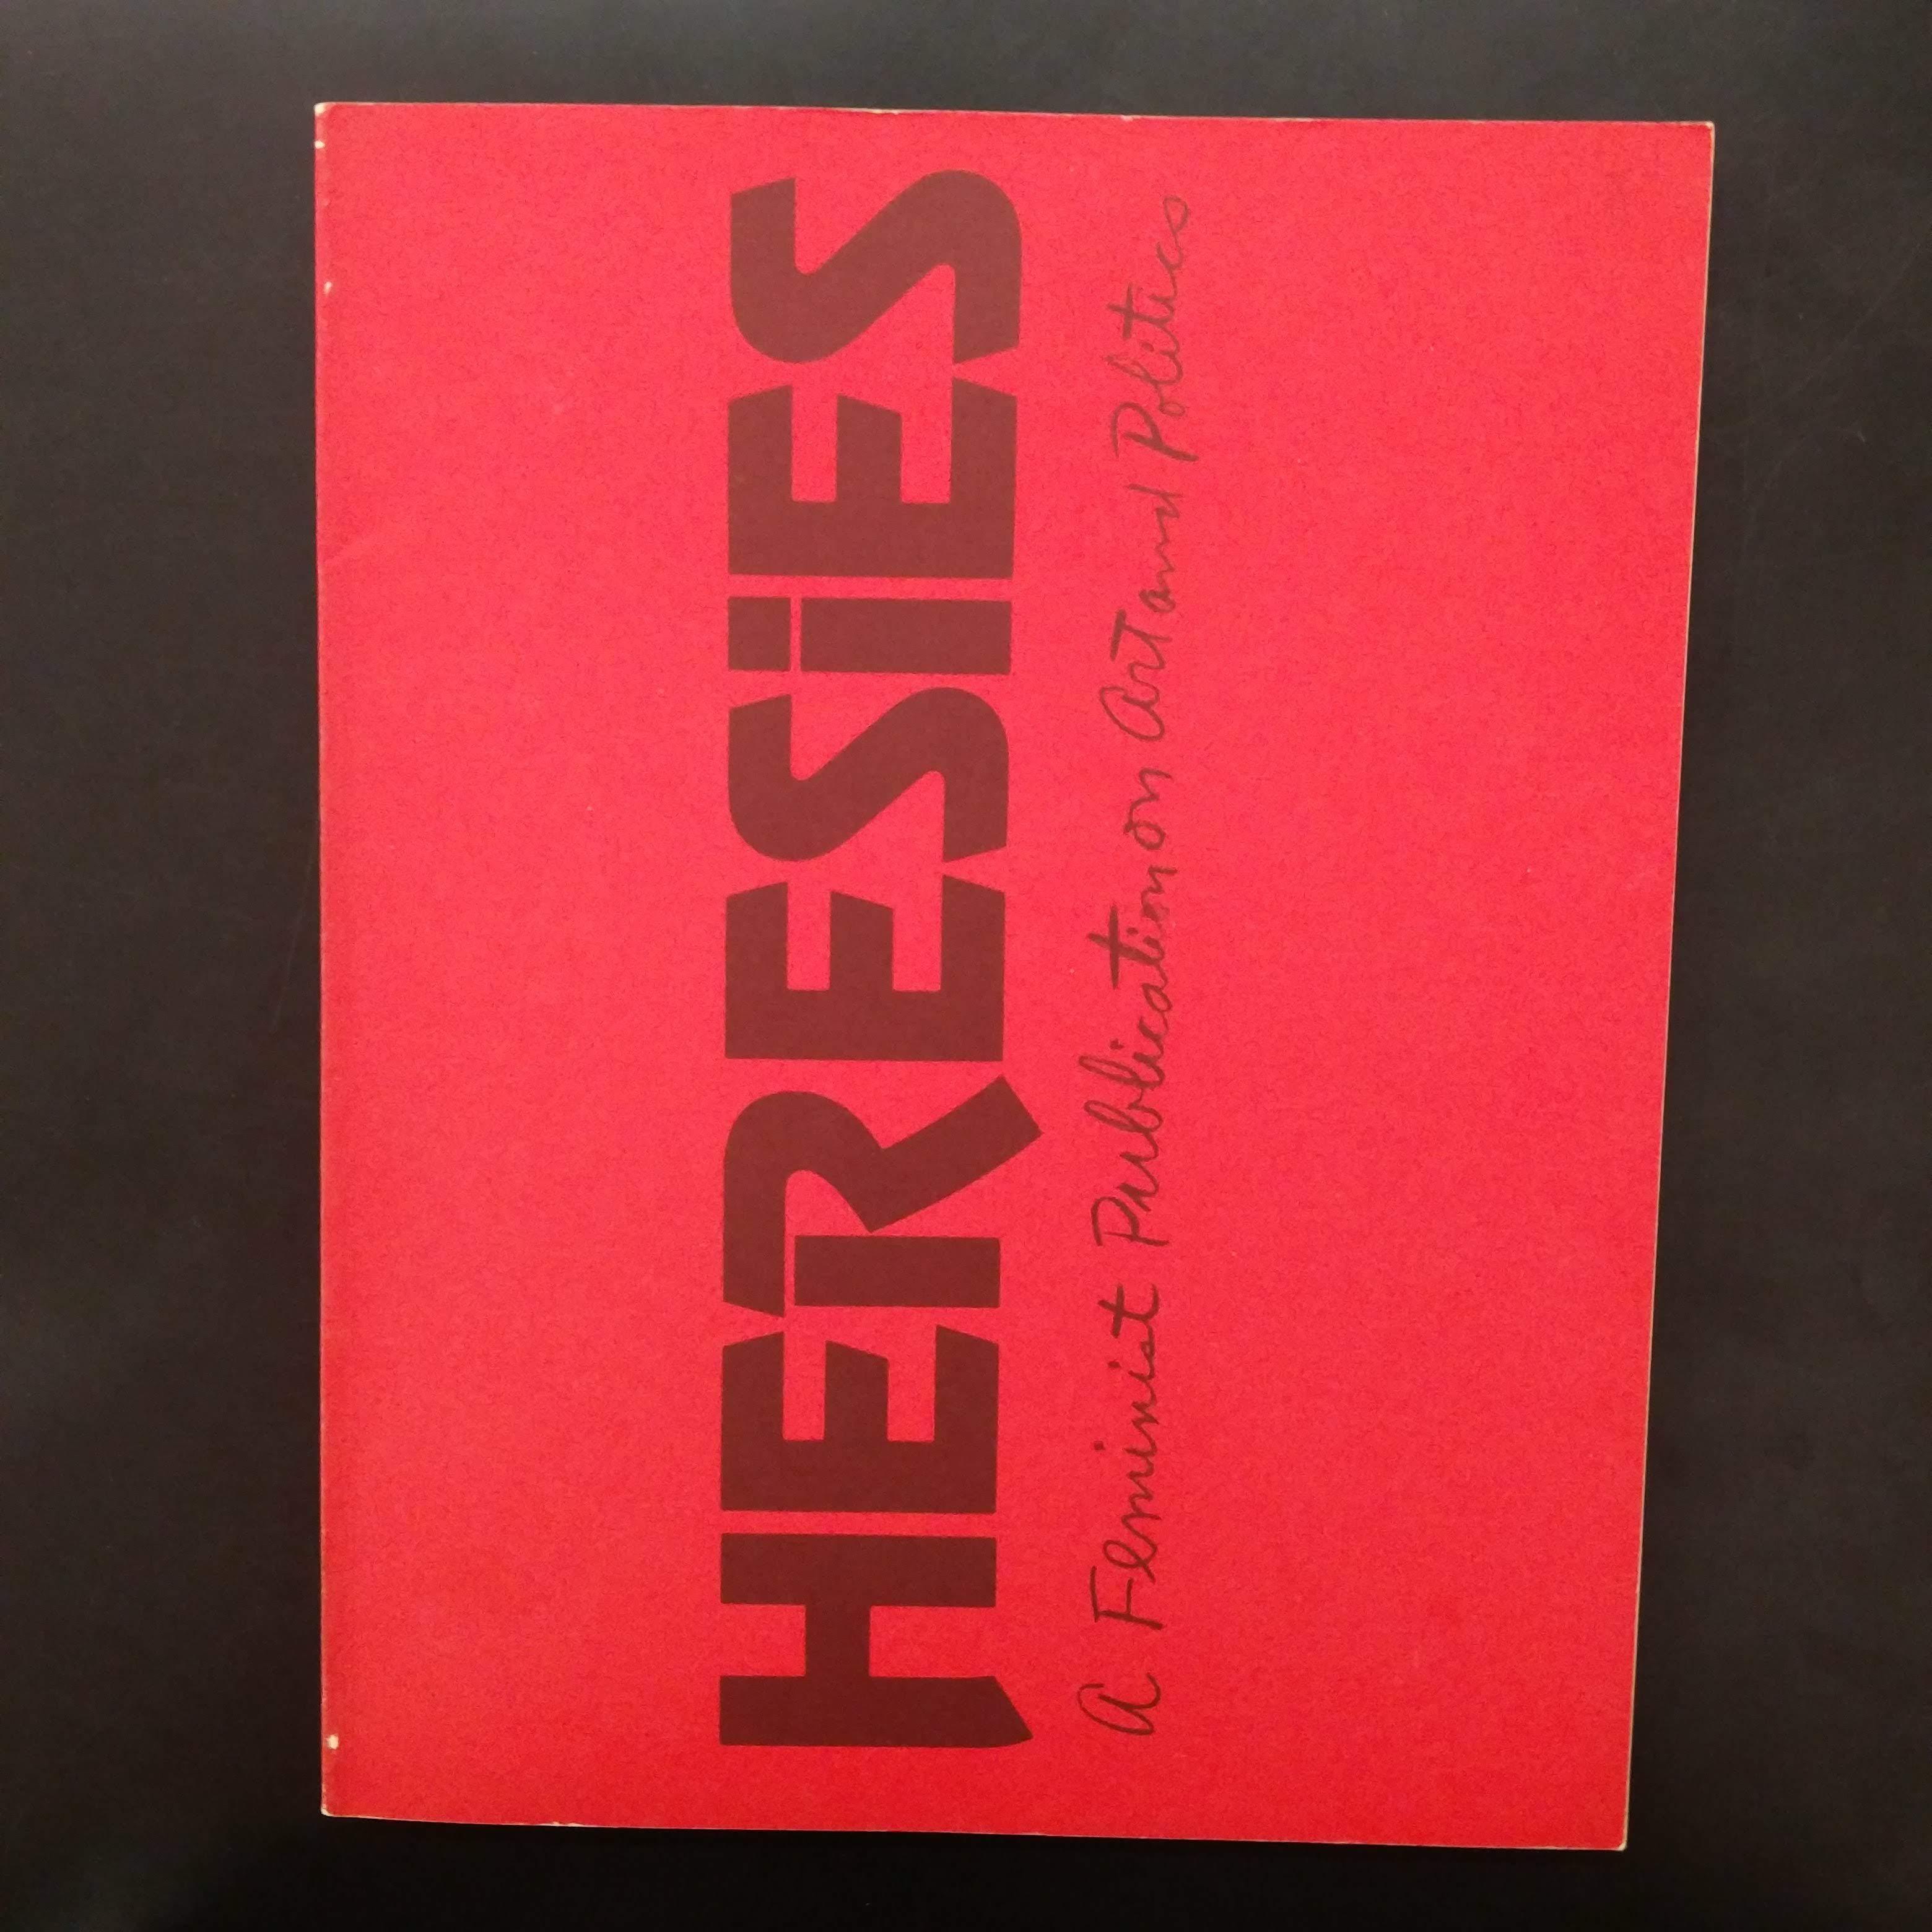 Heresies cover